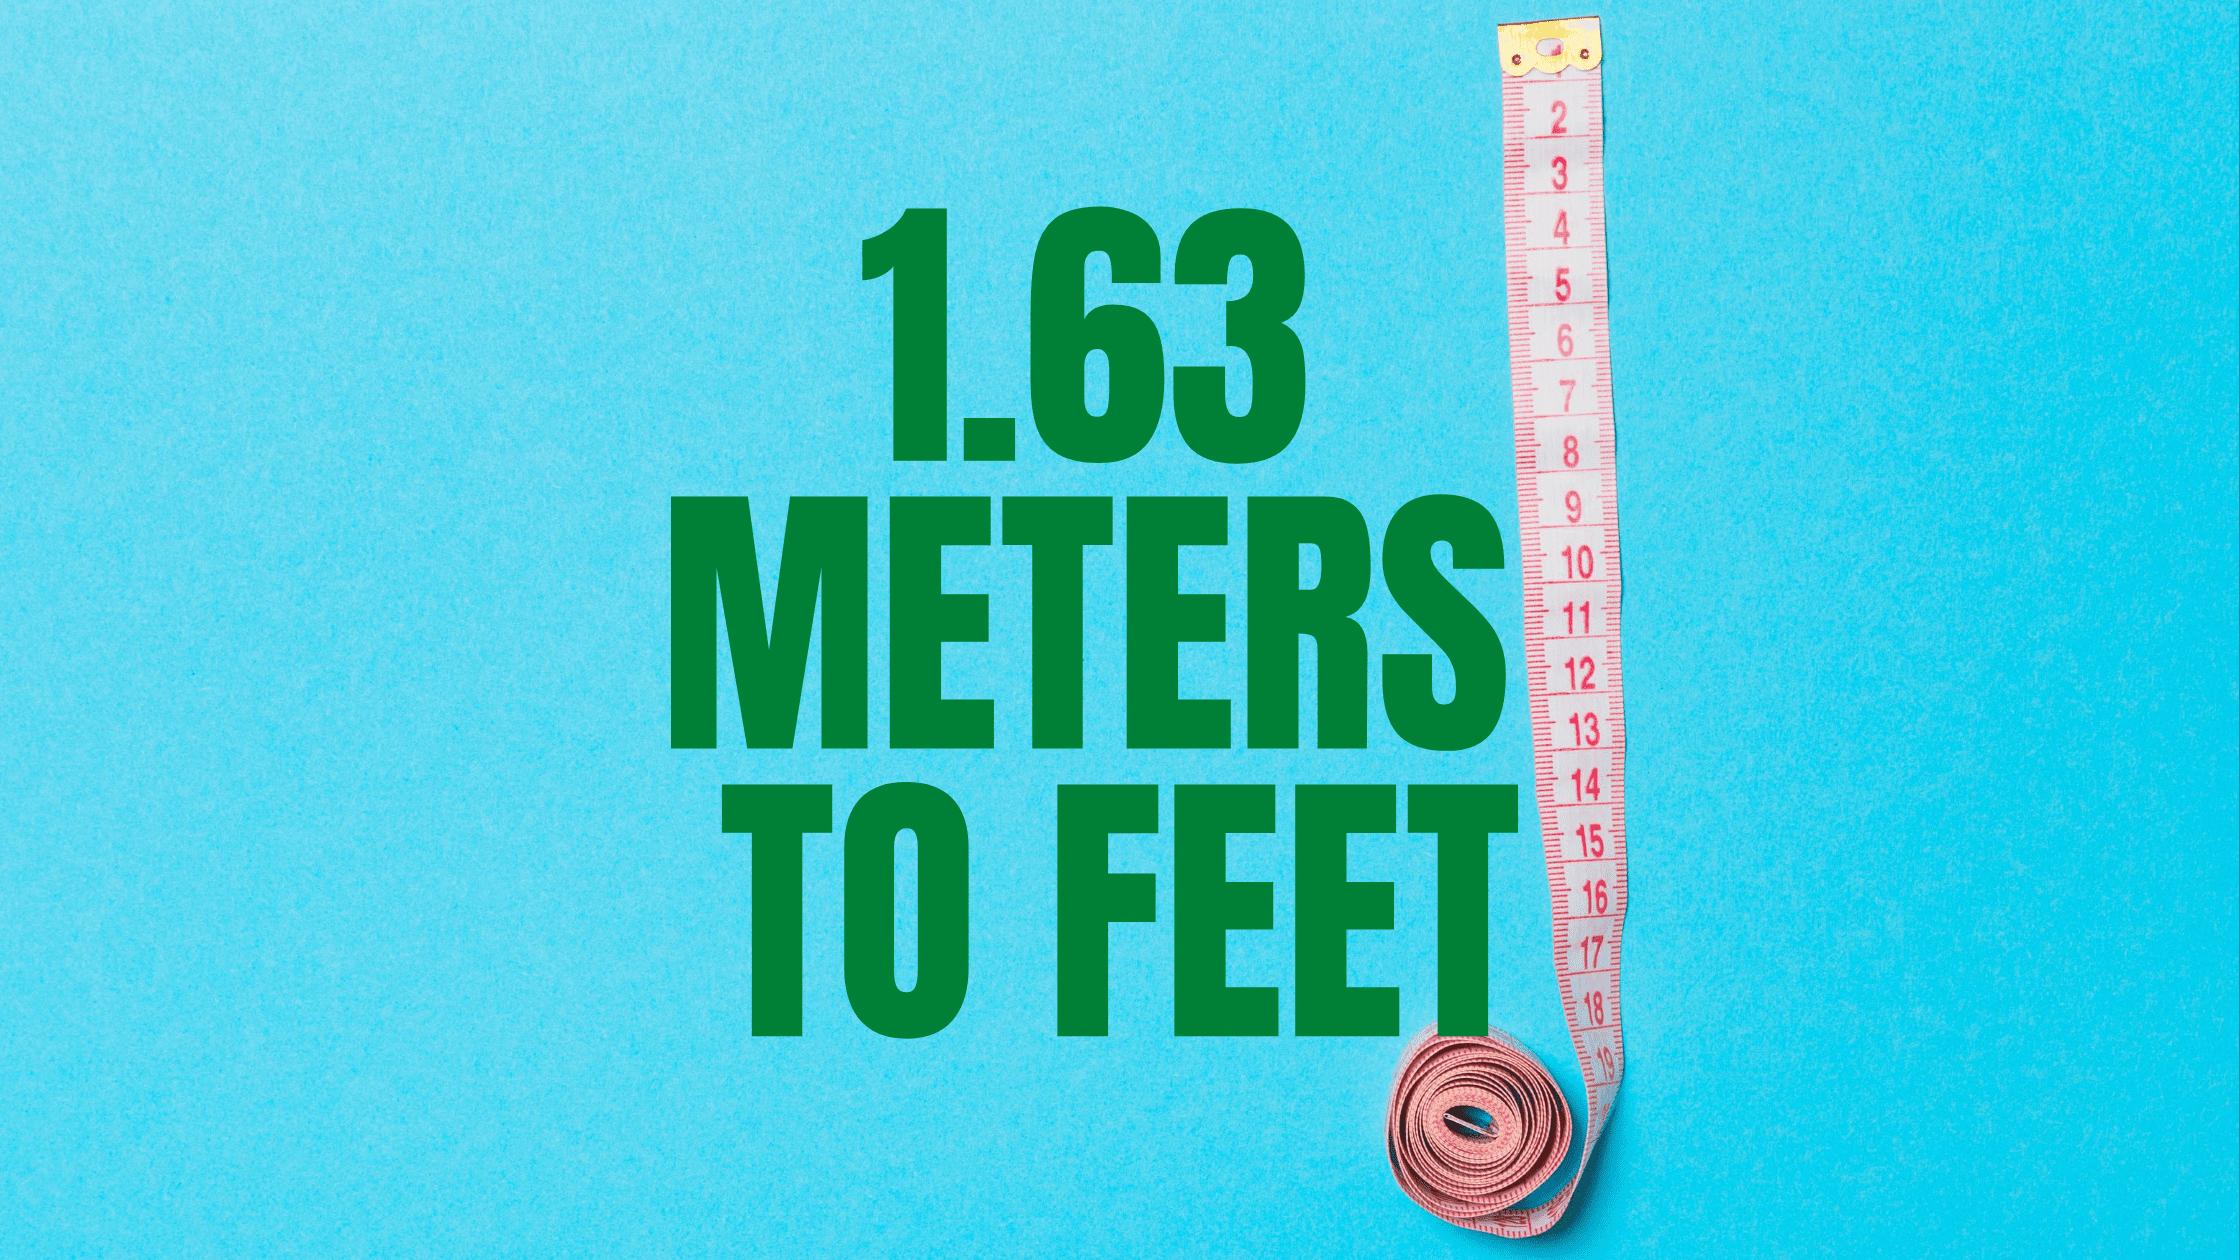 Meter 1 feet in Foot (unit)